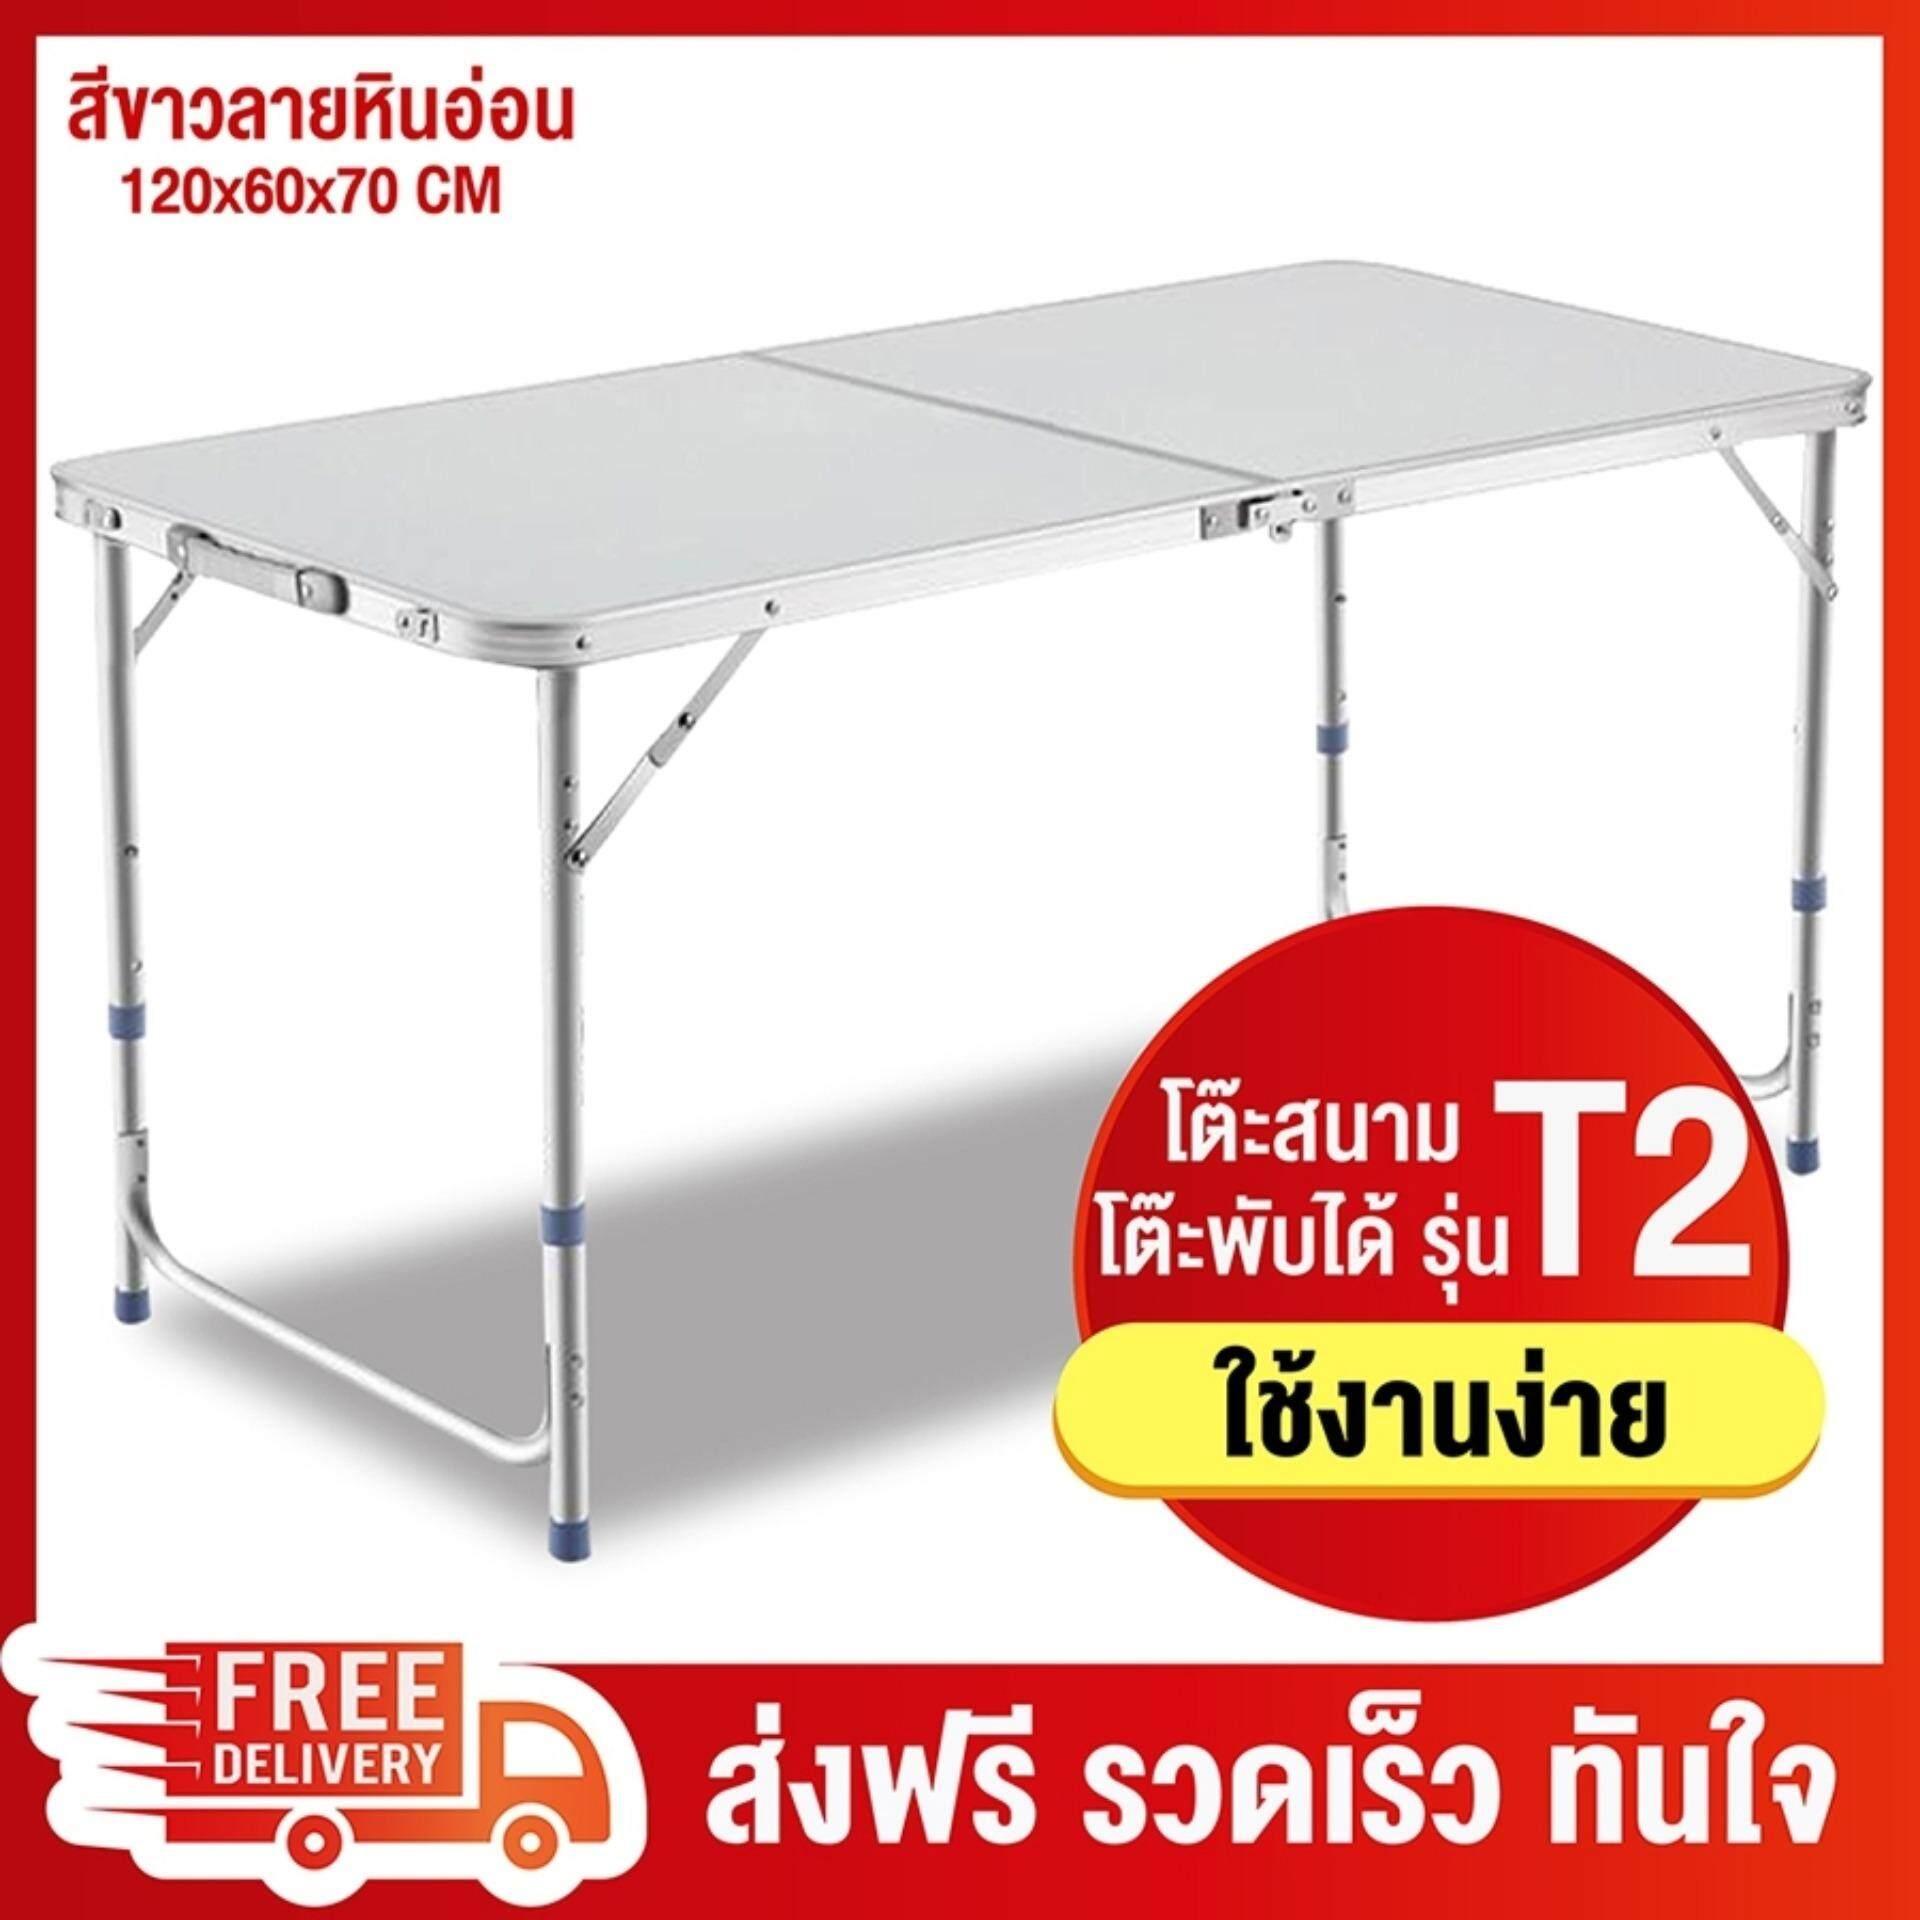 Ace โต๊ะปิกนิค โต๊ะพับได้ โต๊ะสนาม อลูมิเนียม รุ่น T2 ขนาด 120x60x70 (สีขาว) By Ace Shop.